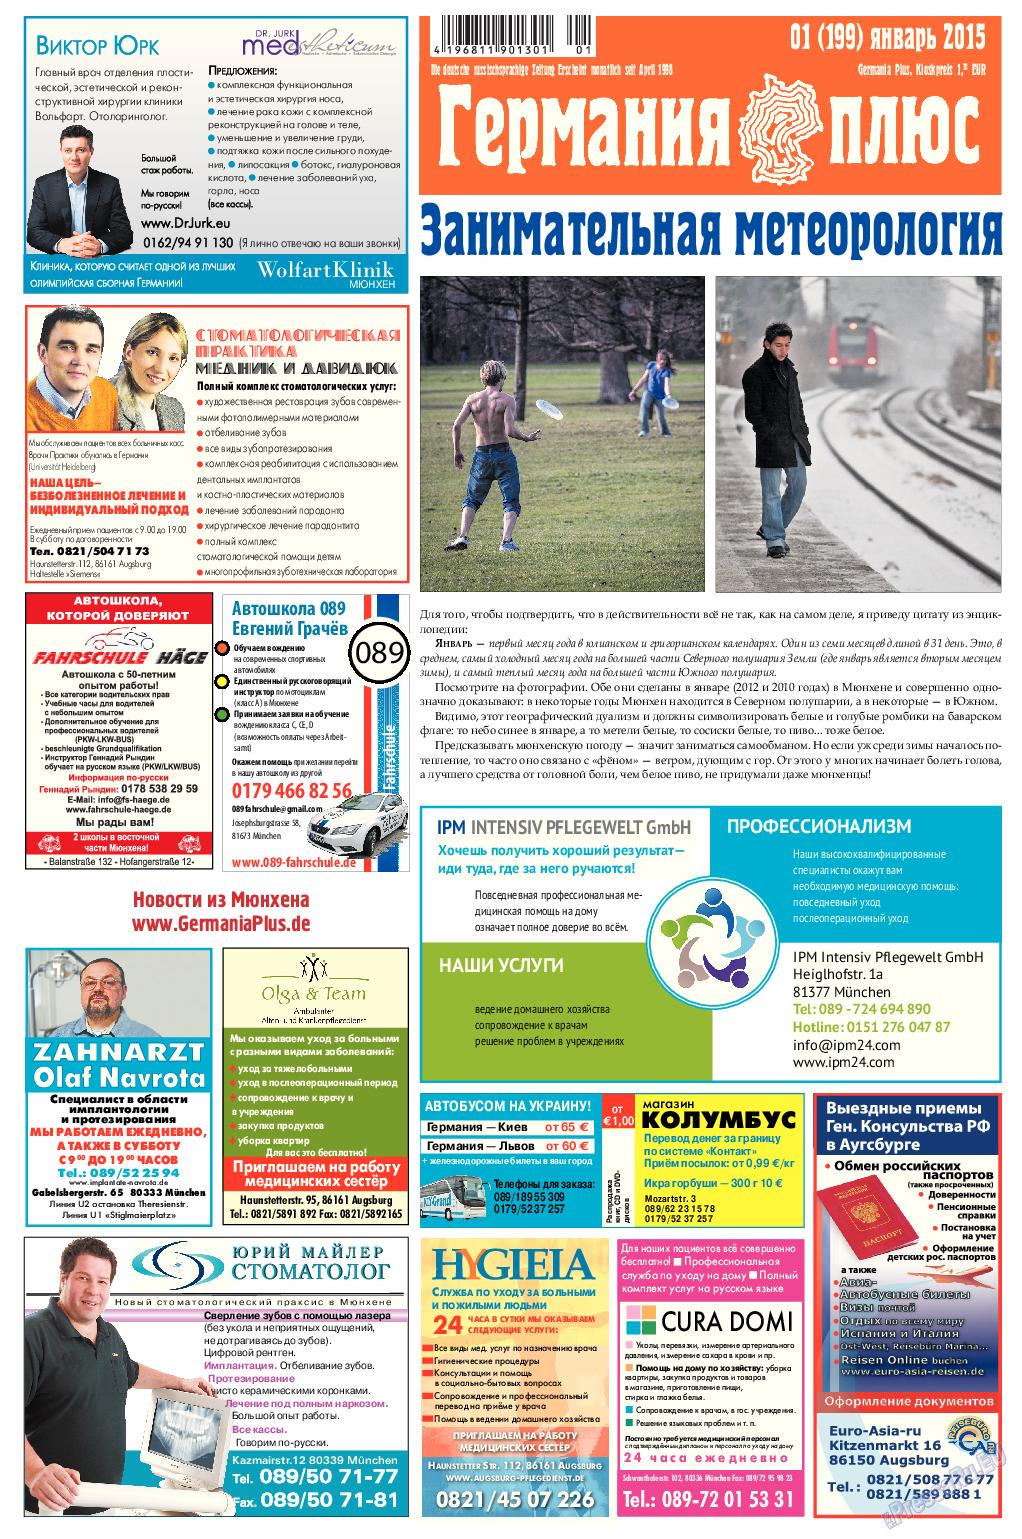 Германия плюс (газета). 2015 год, номер 1, стр. 1